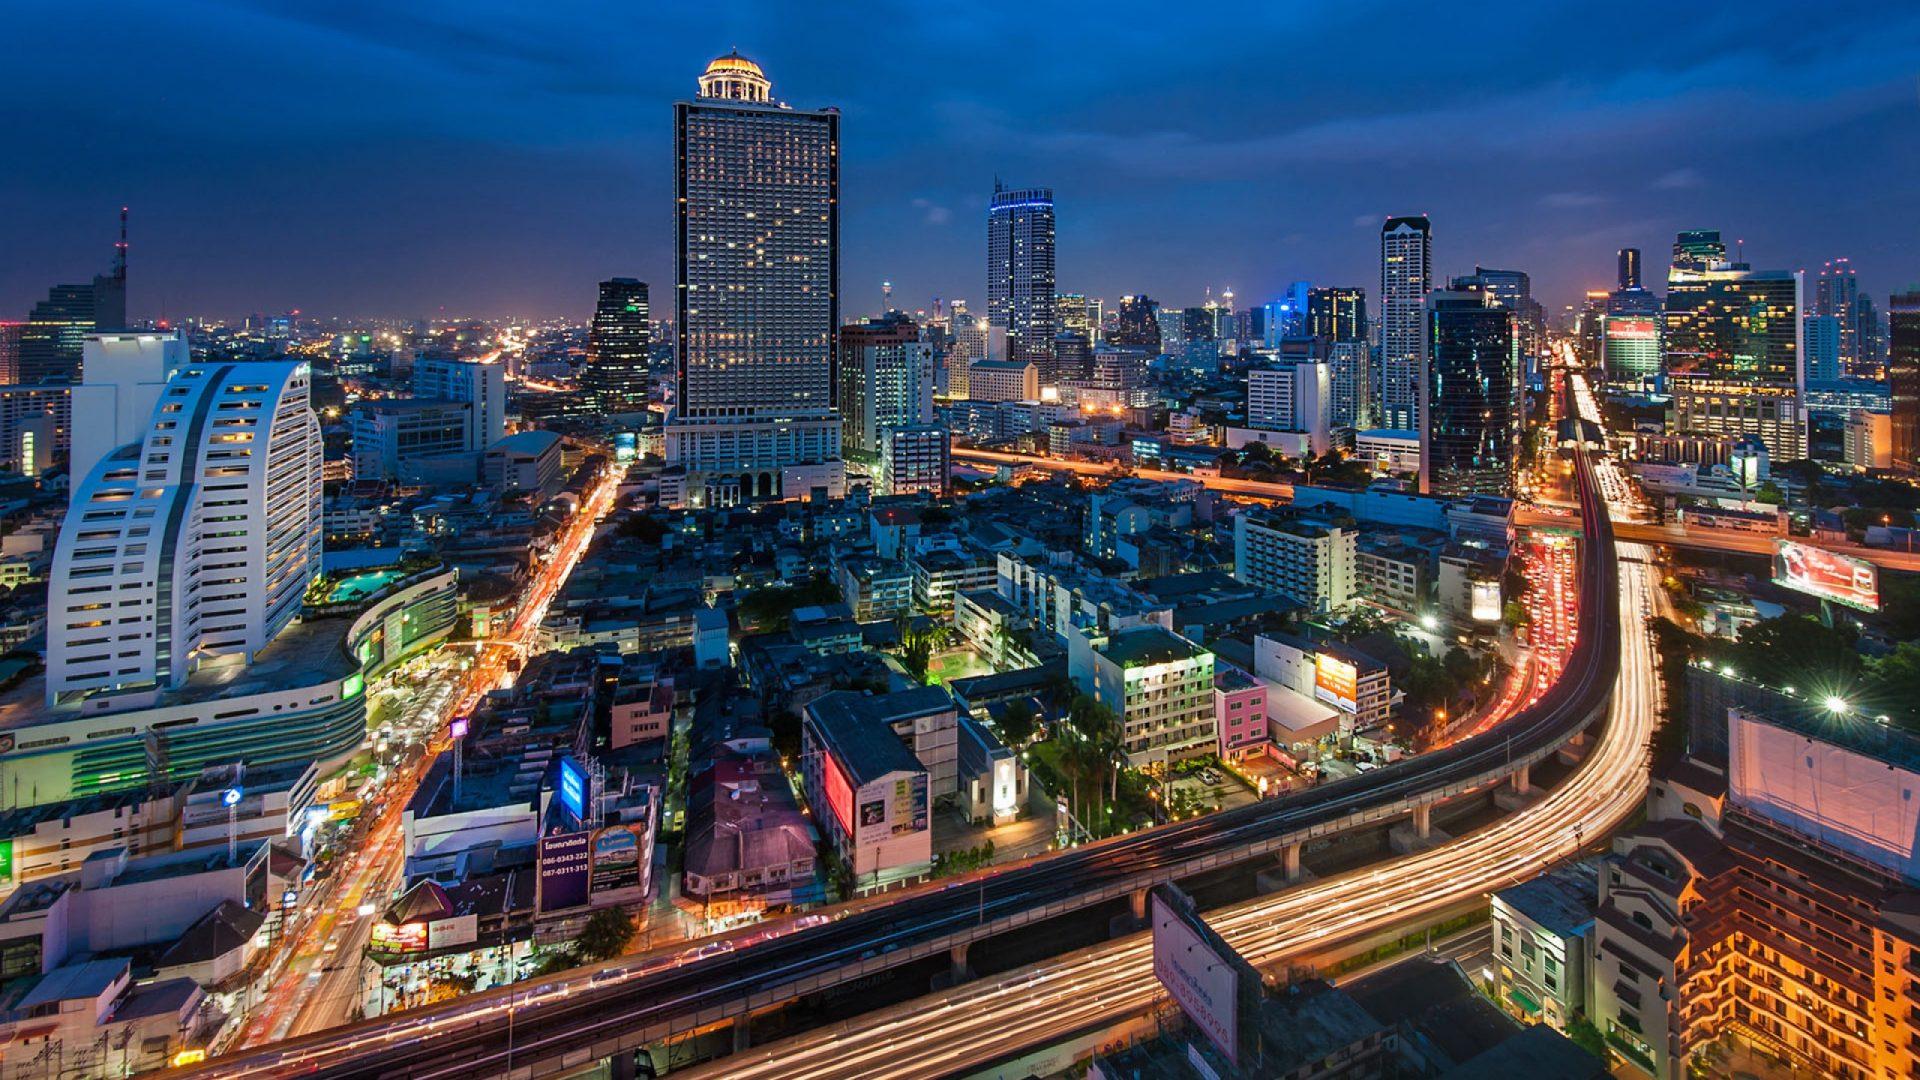 SALVATORE PARISI thailandia